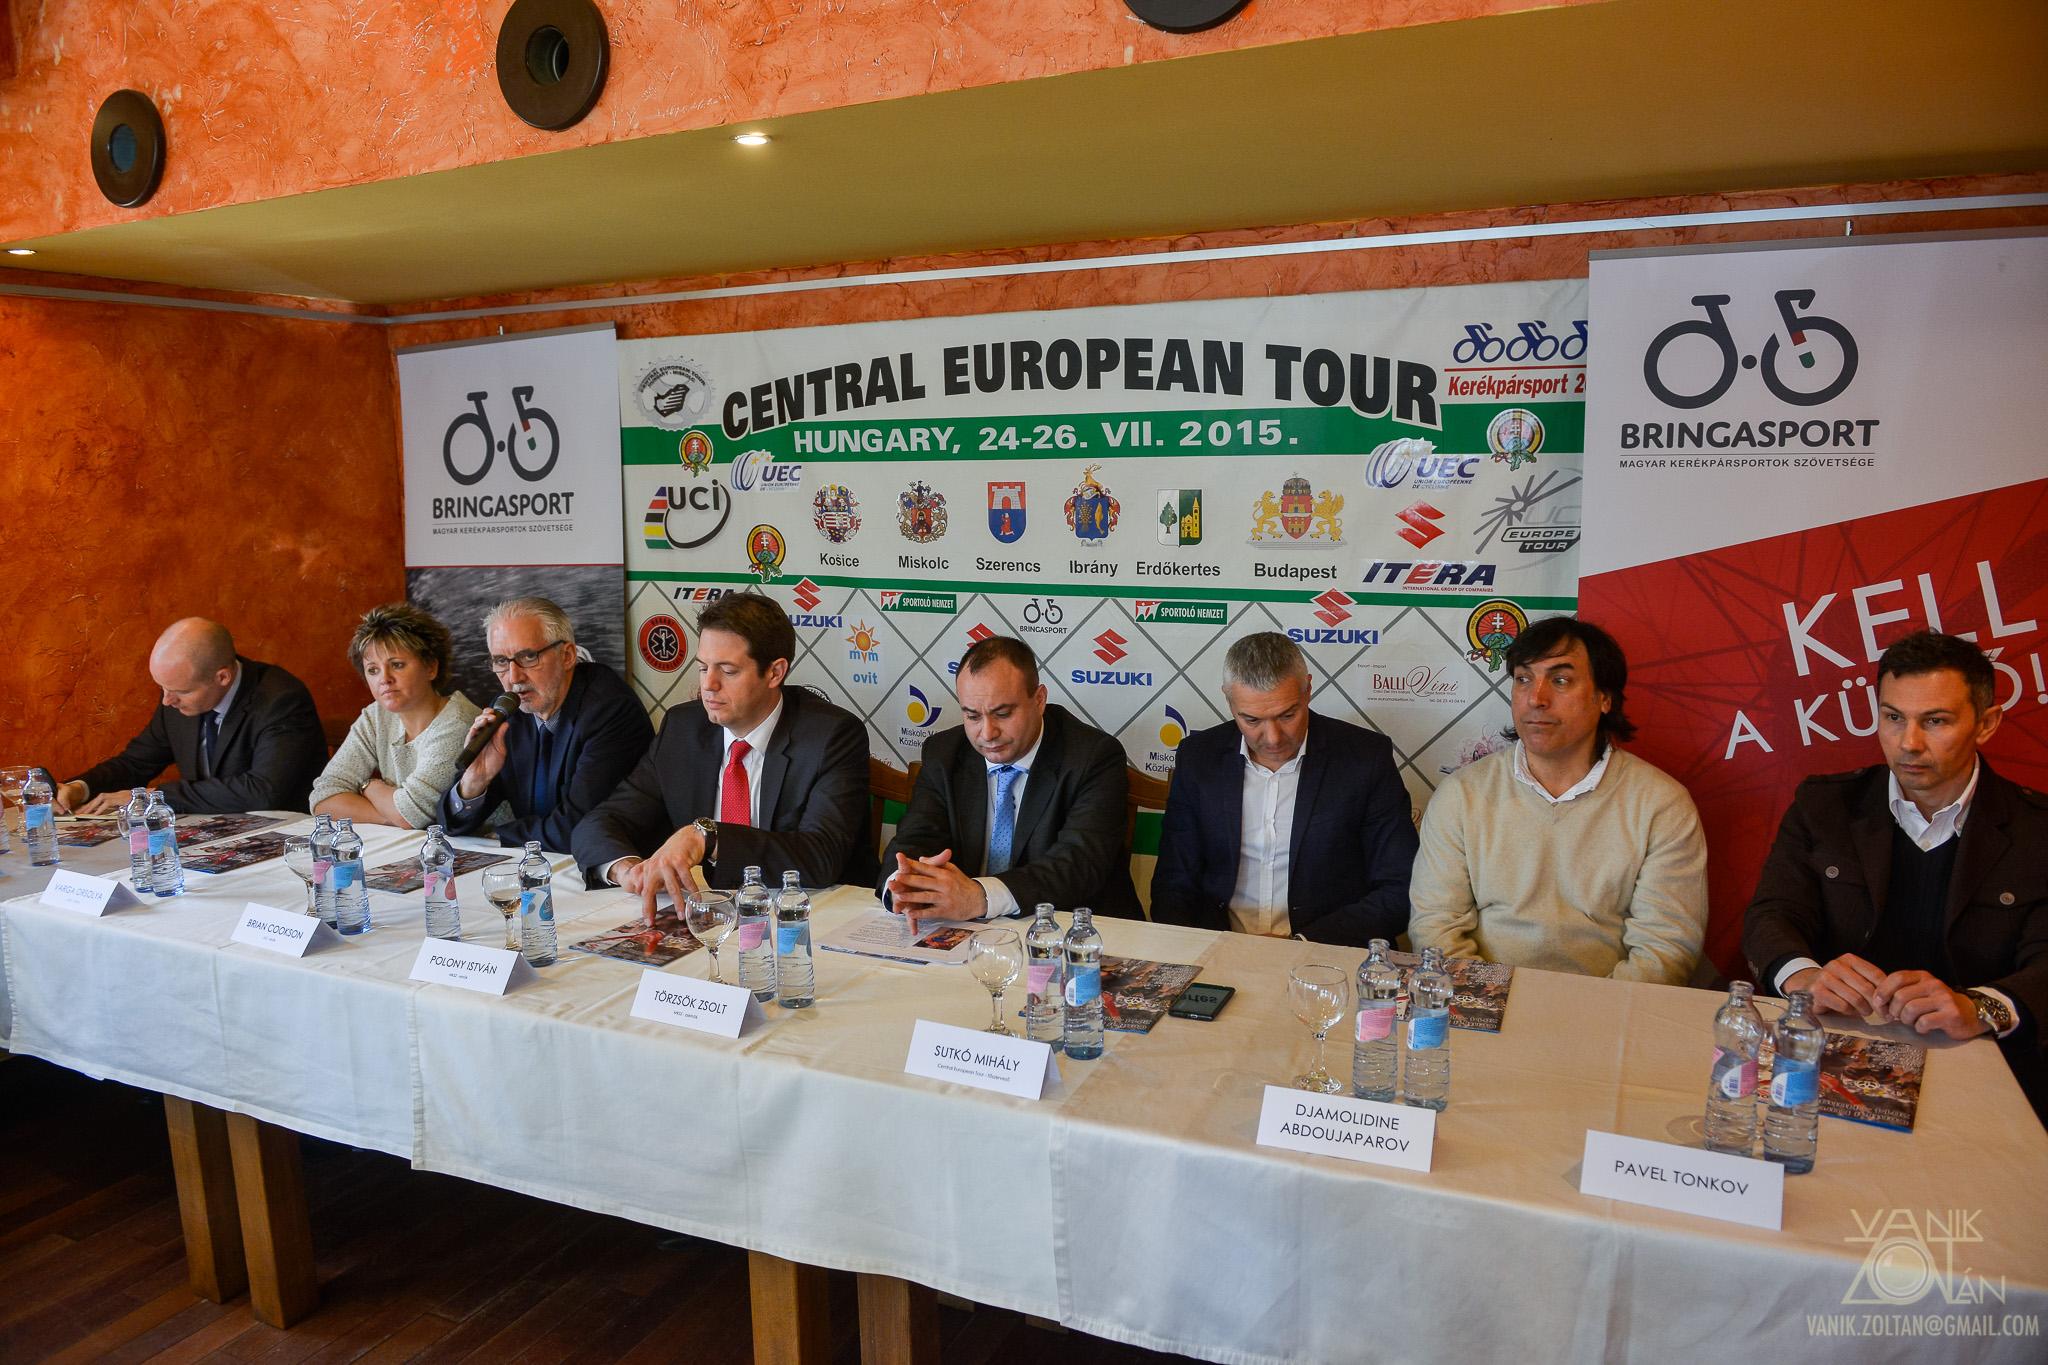 Central European Tour sajtótájékoztató az UCI-elnök, Brian Cookson látogatása kapcsán áprilisban (Fotó: Vanik Zoltán)